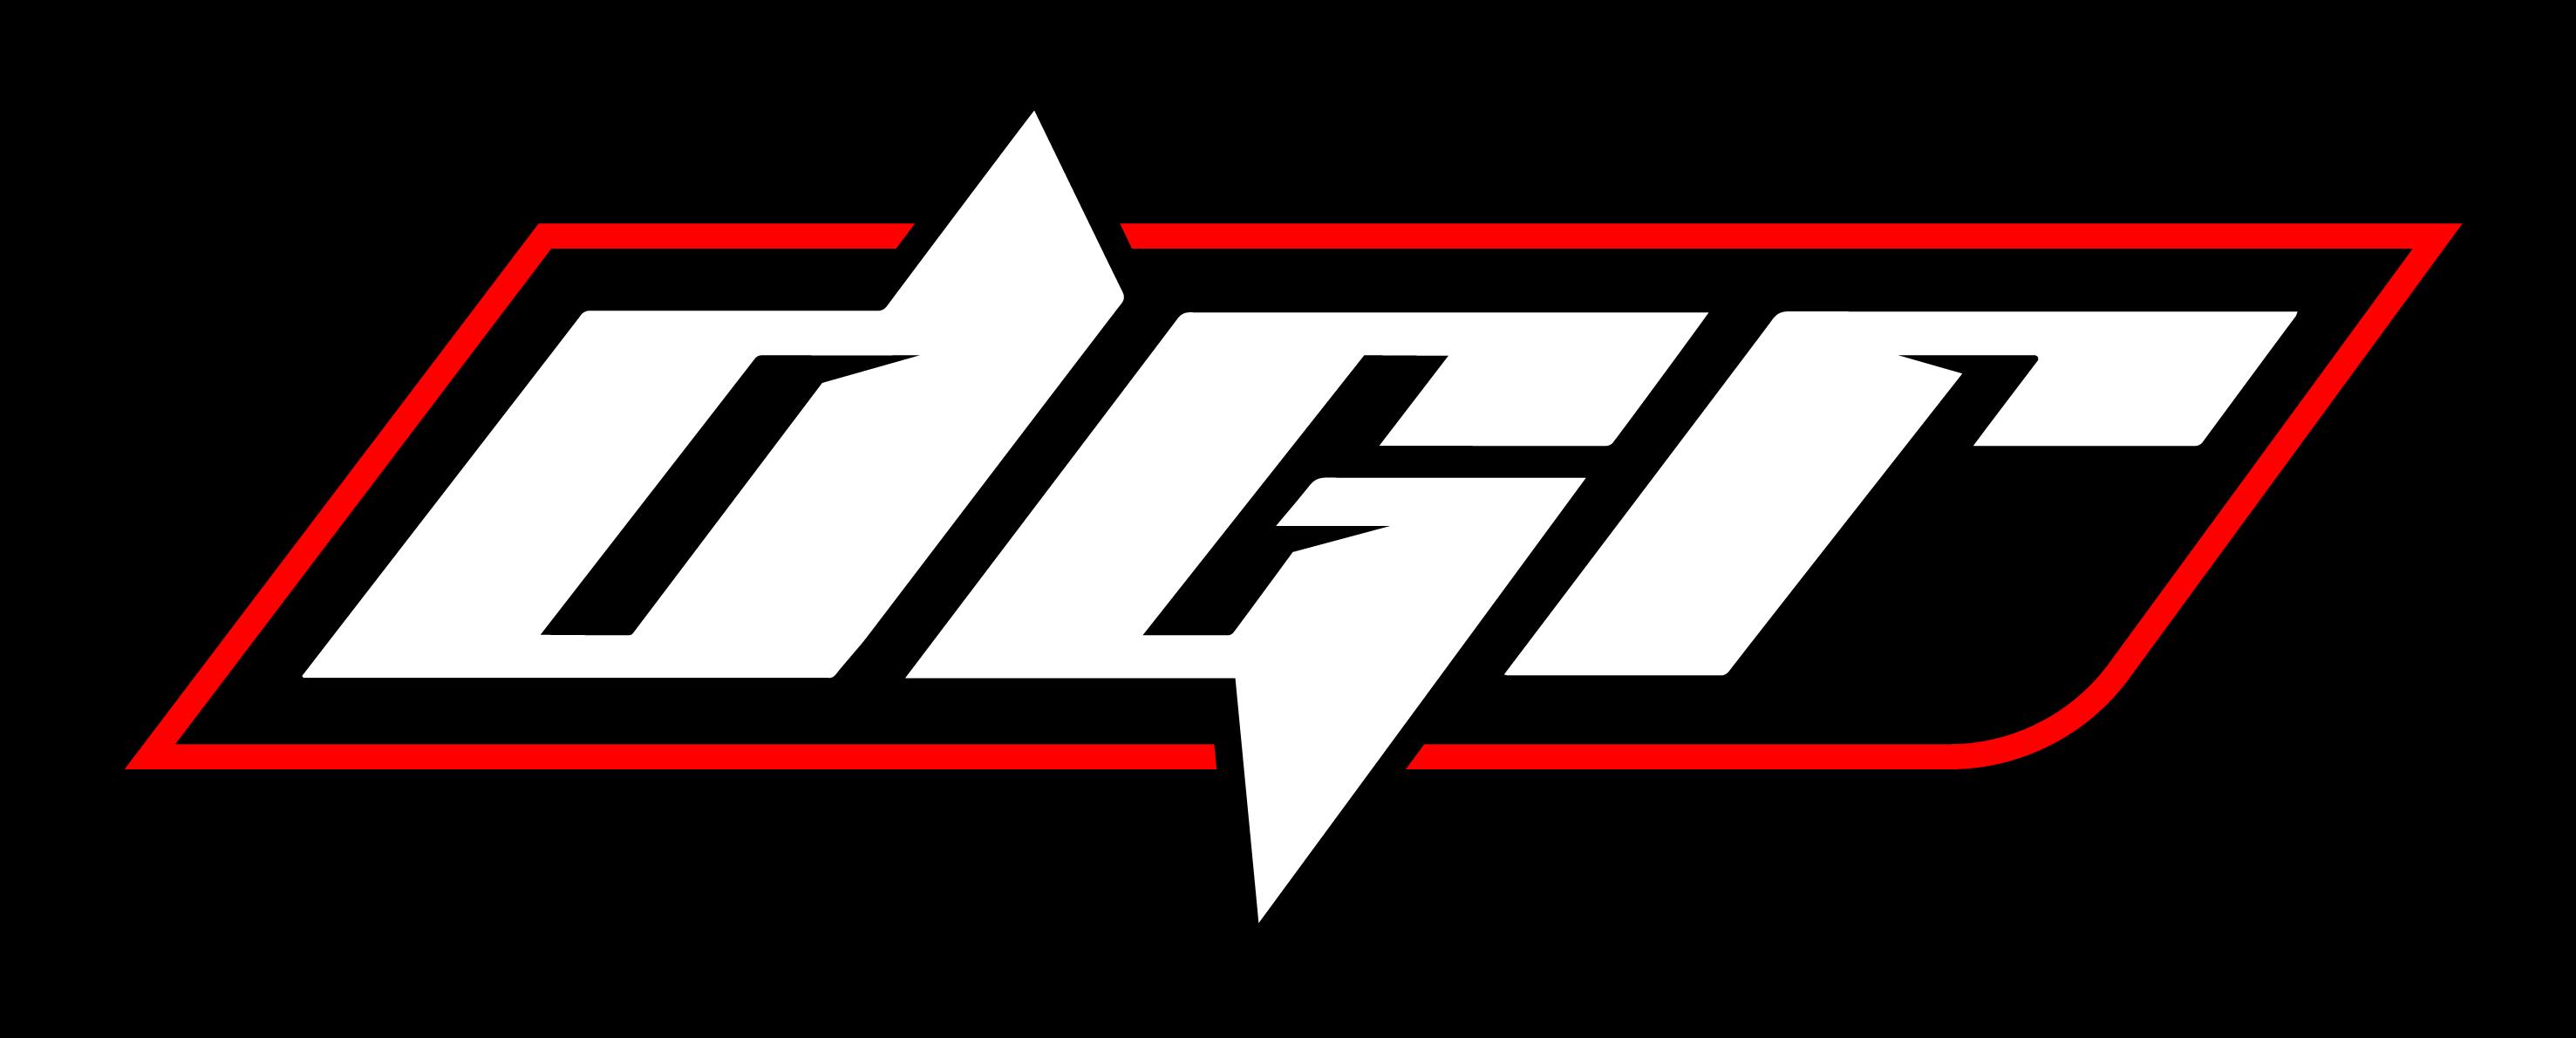 DGR-Logo-For-White-Background[4]